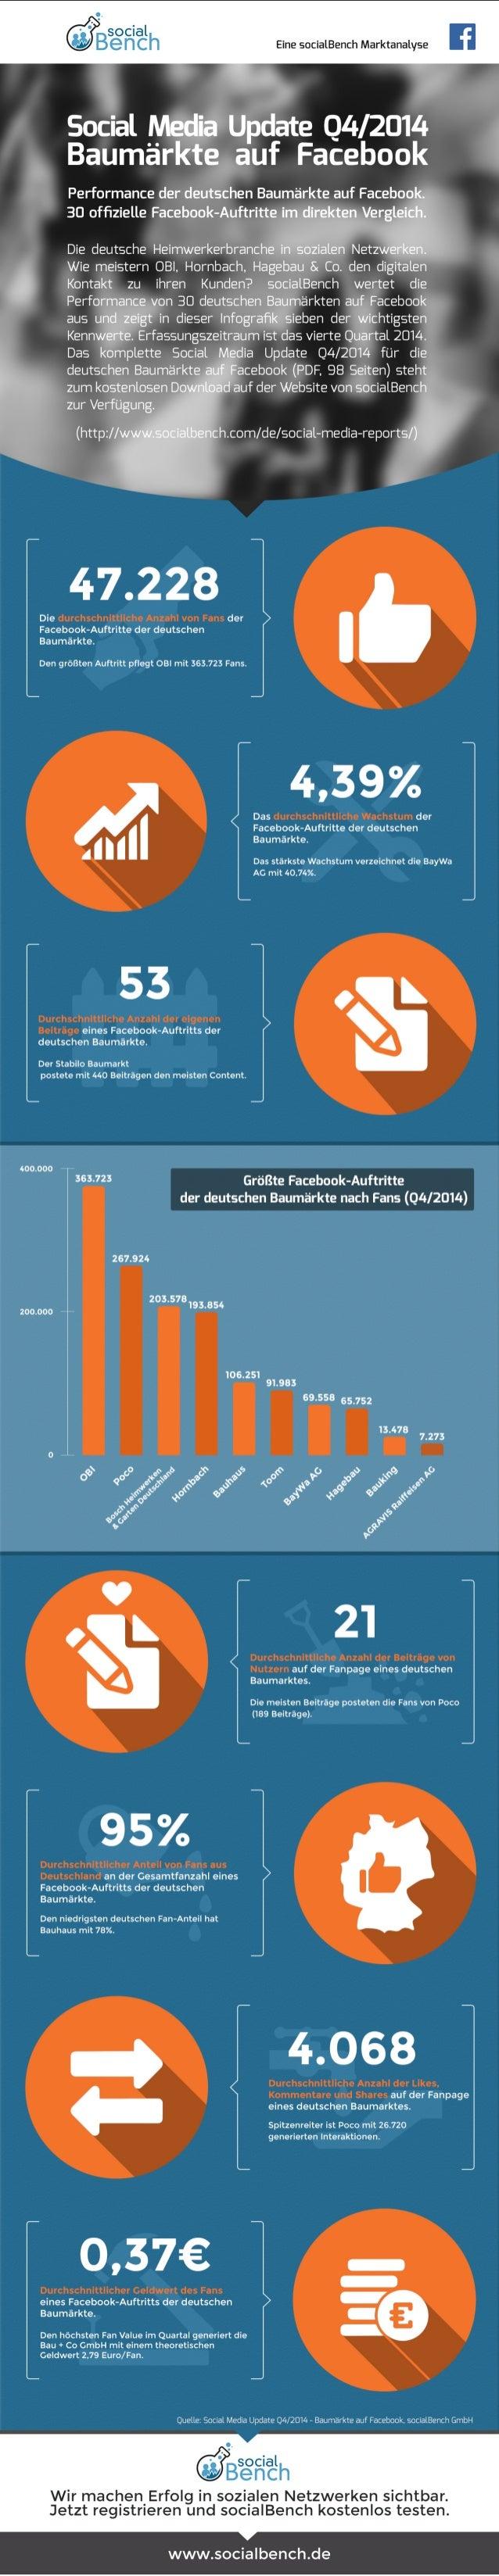 Infografik: Social Media Update Q4/2014 - Baumärkte auf Facebook